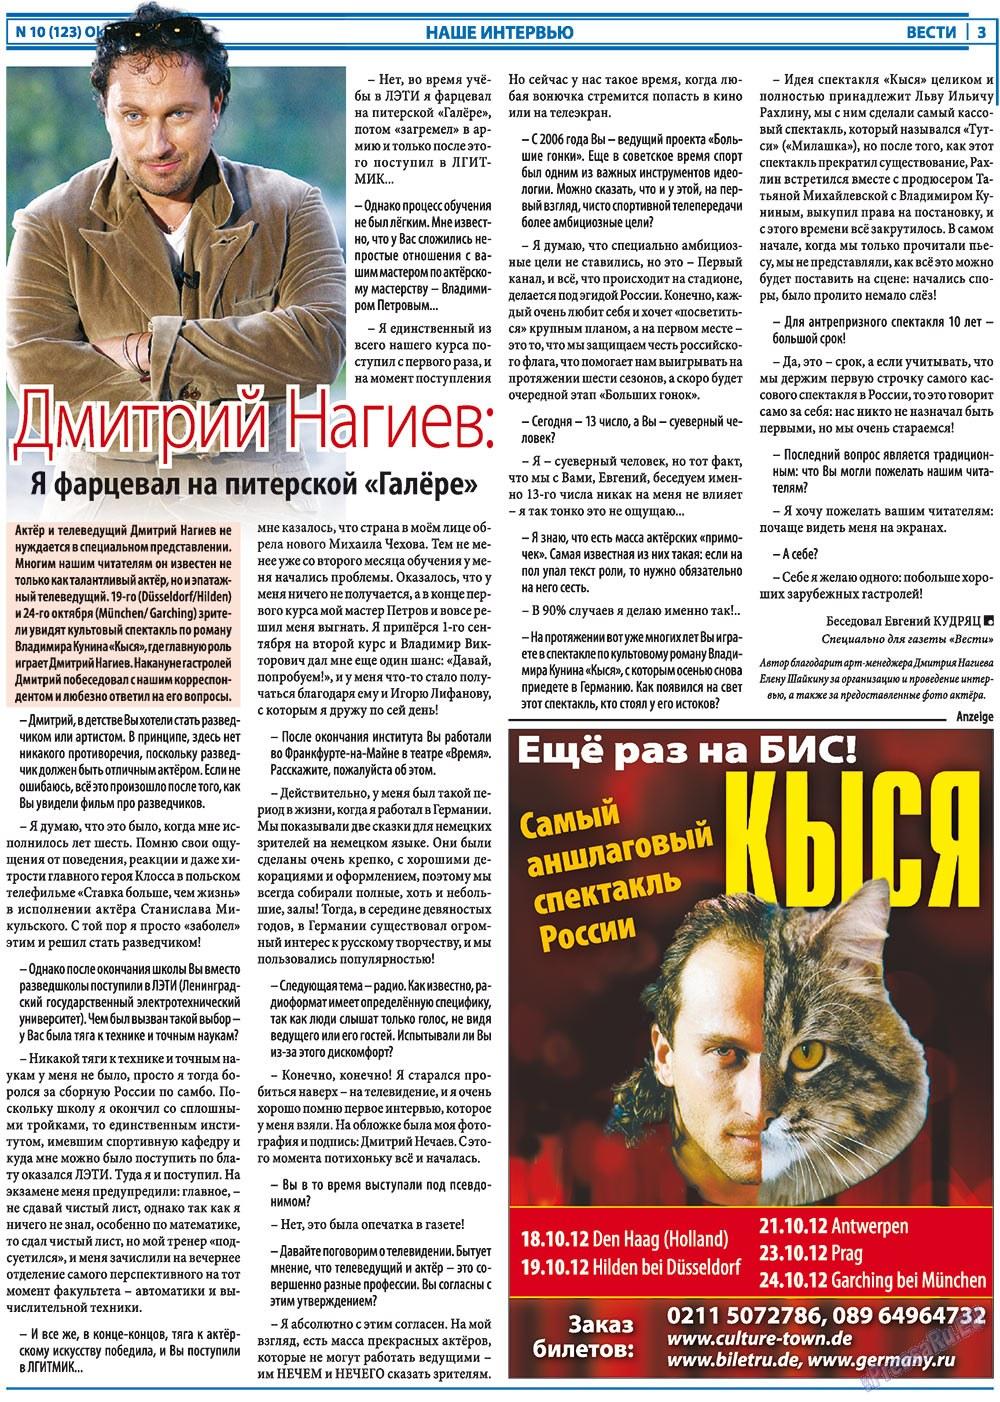 Вести (газета). 2012 год, номер 10, стр. 3